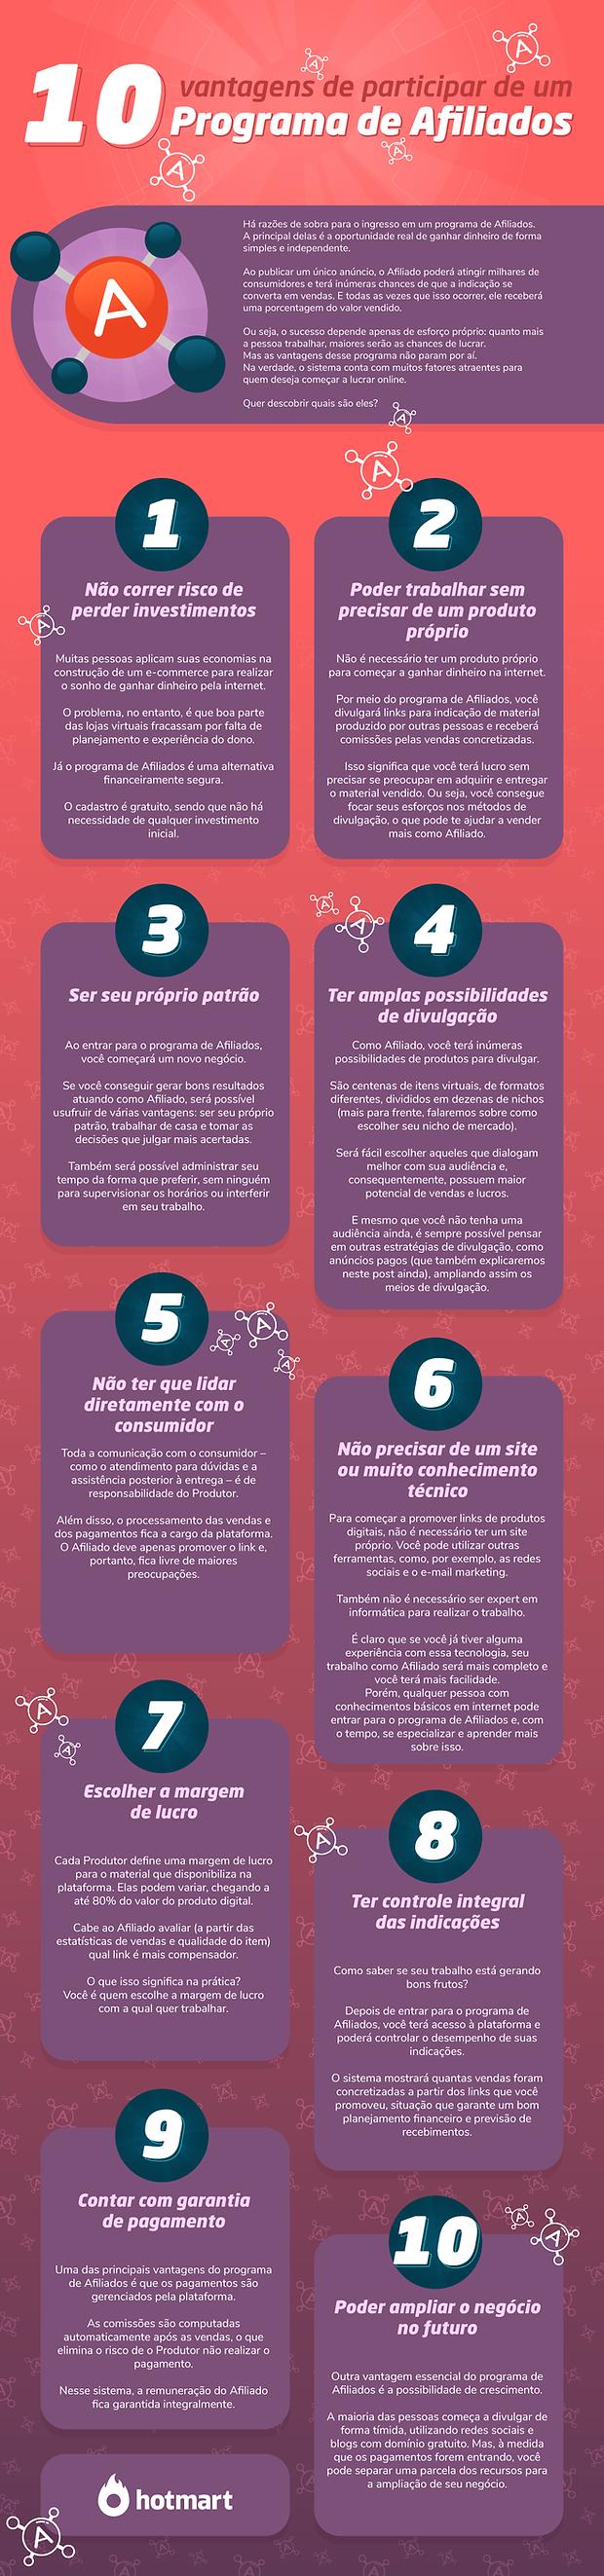 INFO_10-vantagens-de-participar-de-um-pr